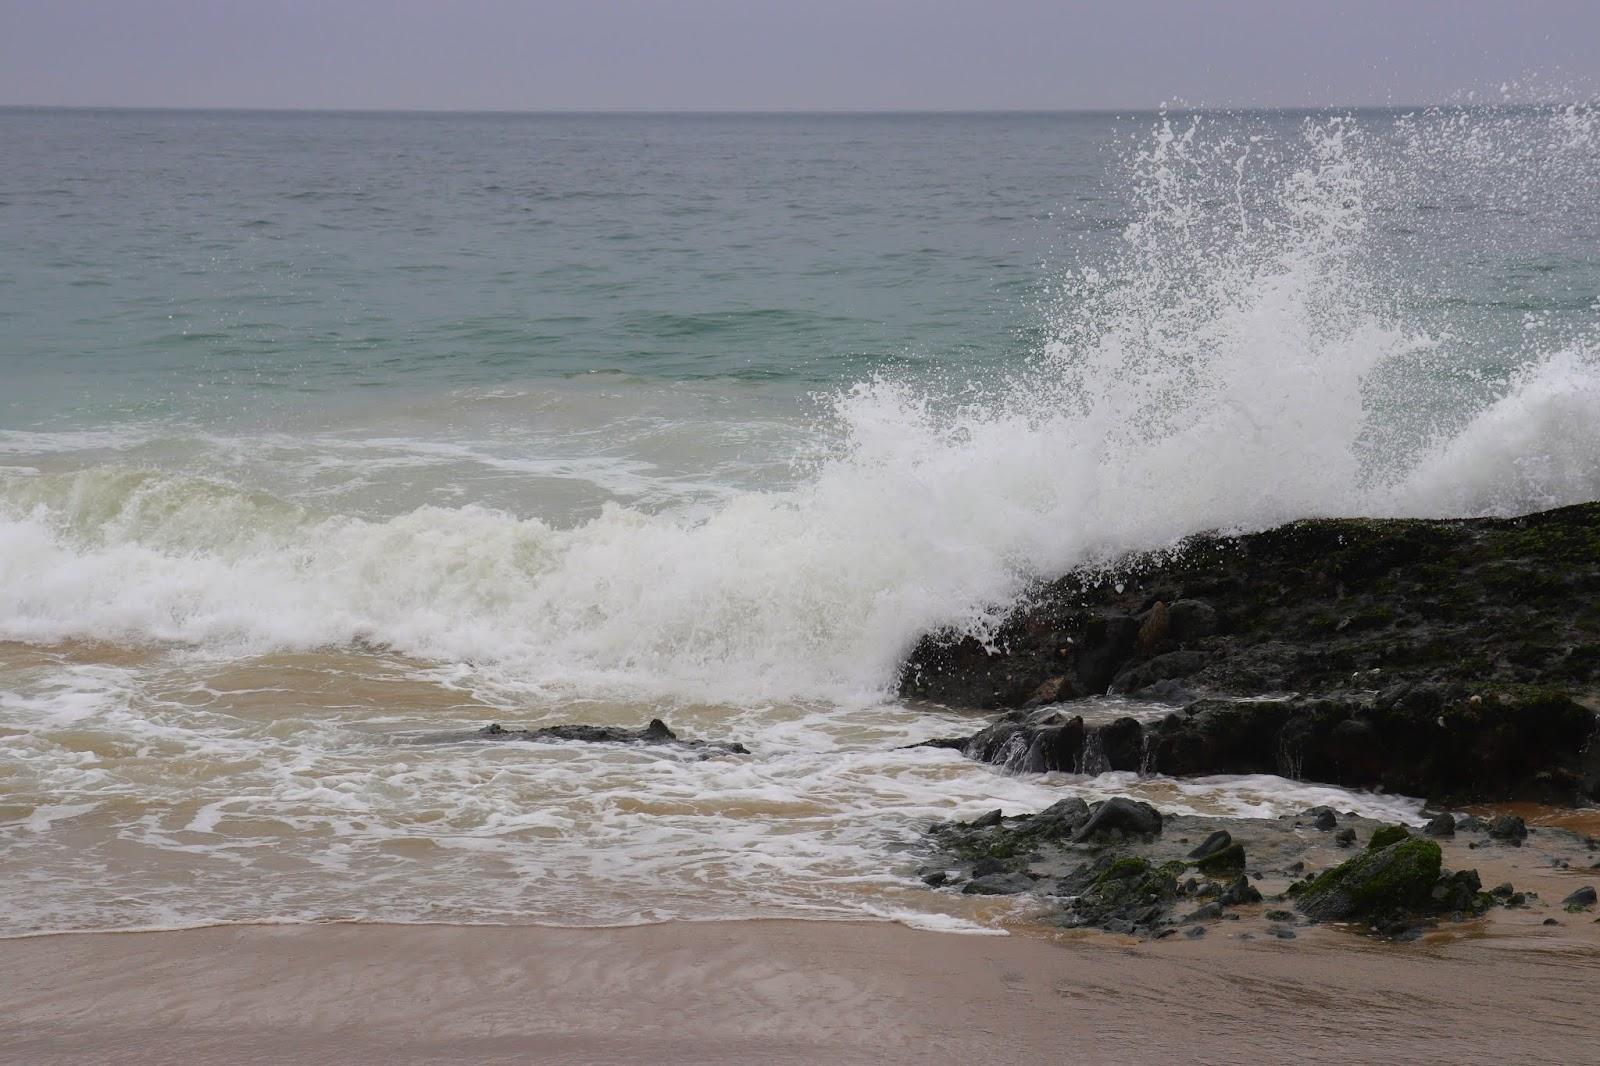 wave splashing